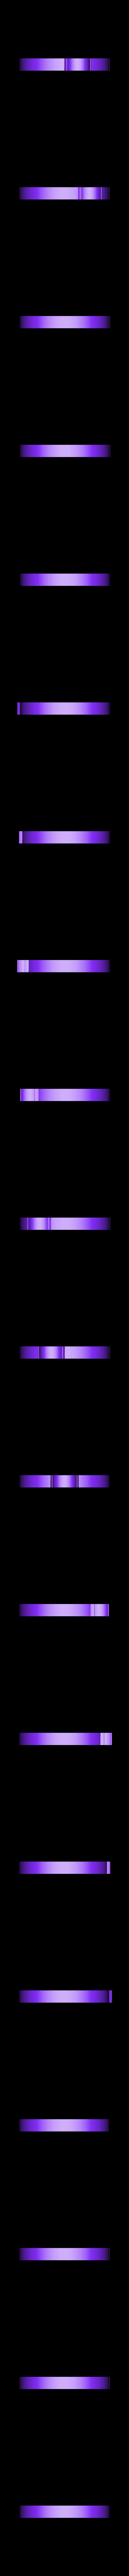 anillo bijou à membrane.stl Télécharger fichier STL gratuit bijou à membrane • Modèle à imprimer en 3D, ArtViche